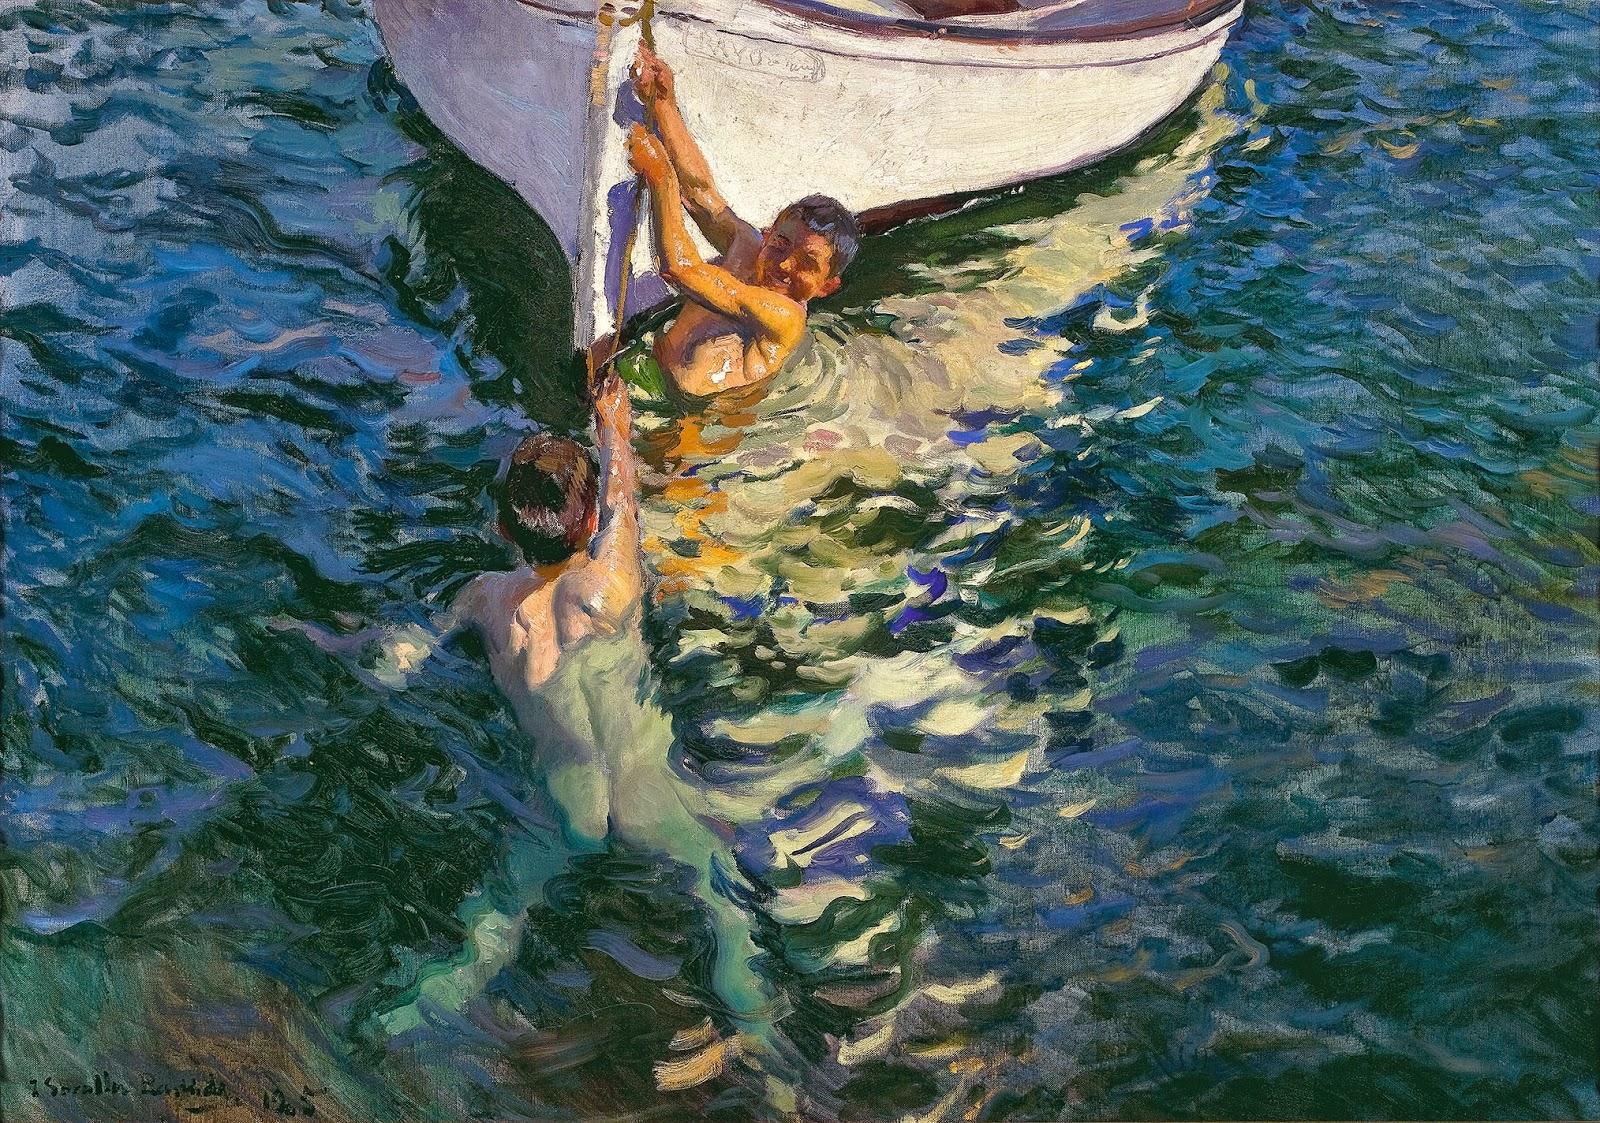 Joaquín Sorolla, El bote blanco. Jávea, 1905, Óleo sobre lienzo, 105 x 150 cm. Colección particular. Foto: Colección particular, Estados Unidos. Cortesía: Fundación Mapfre.